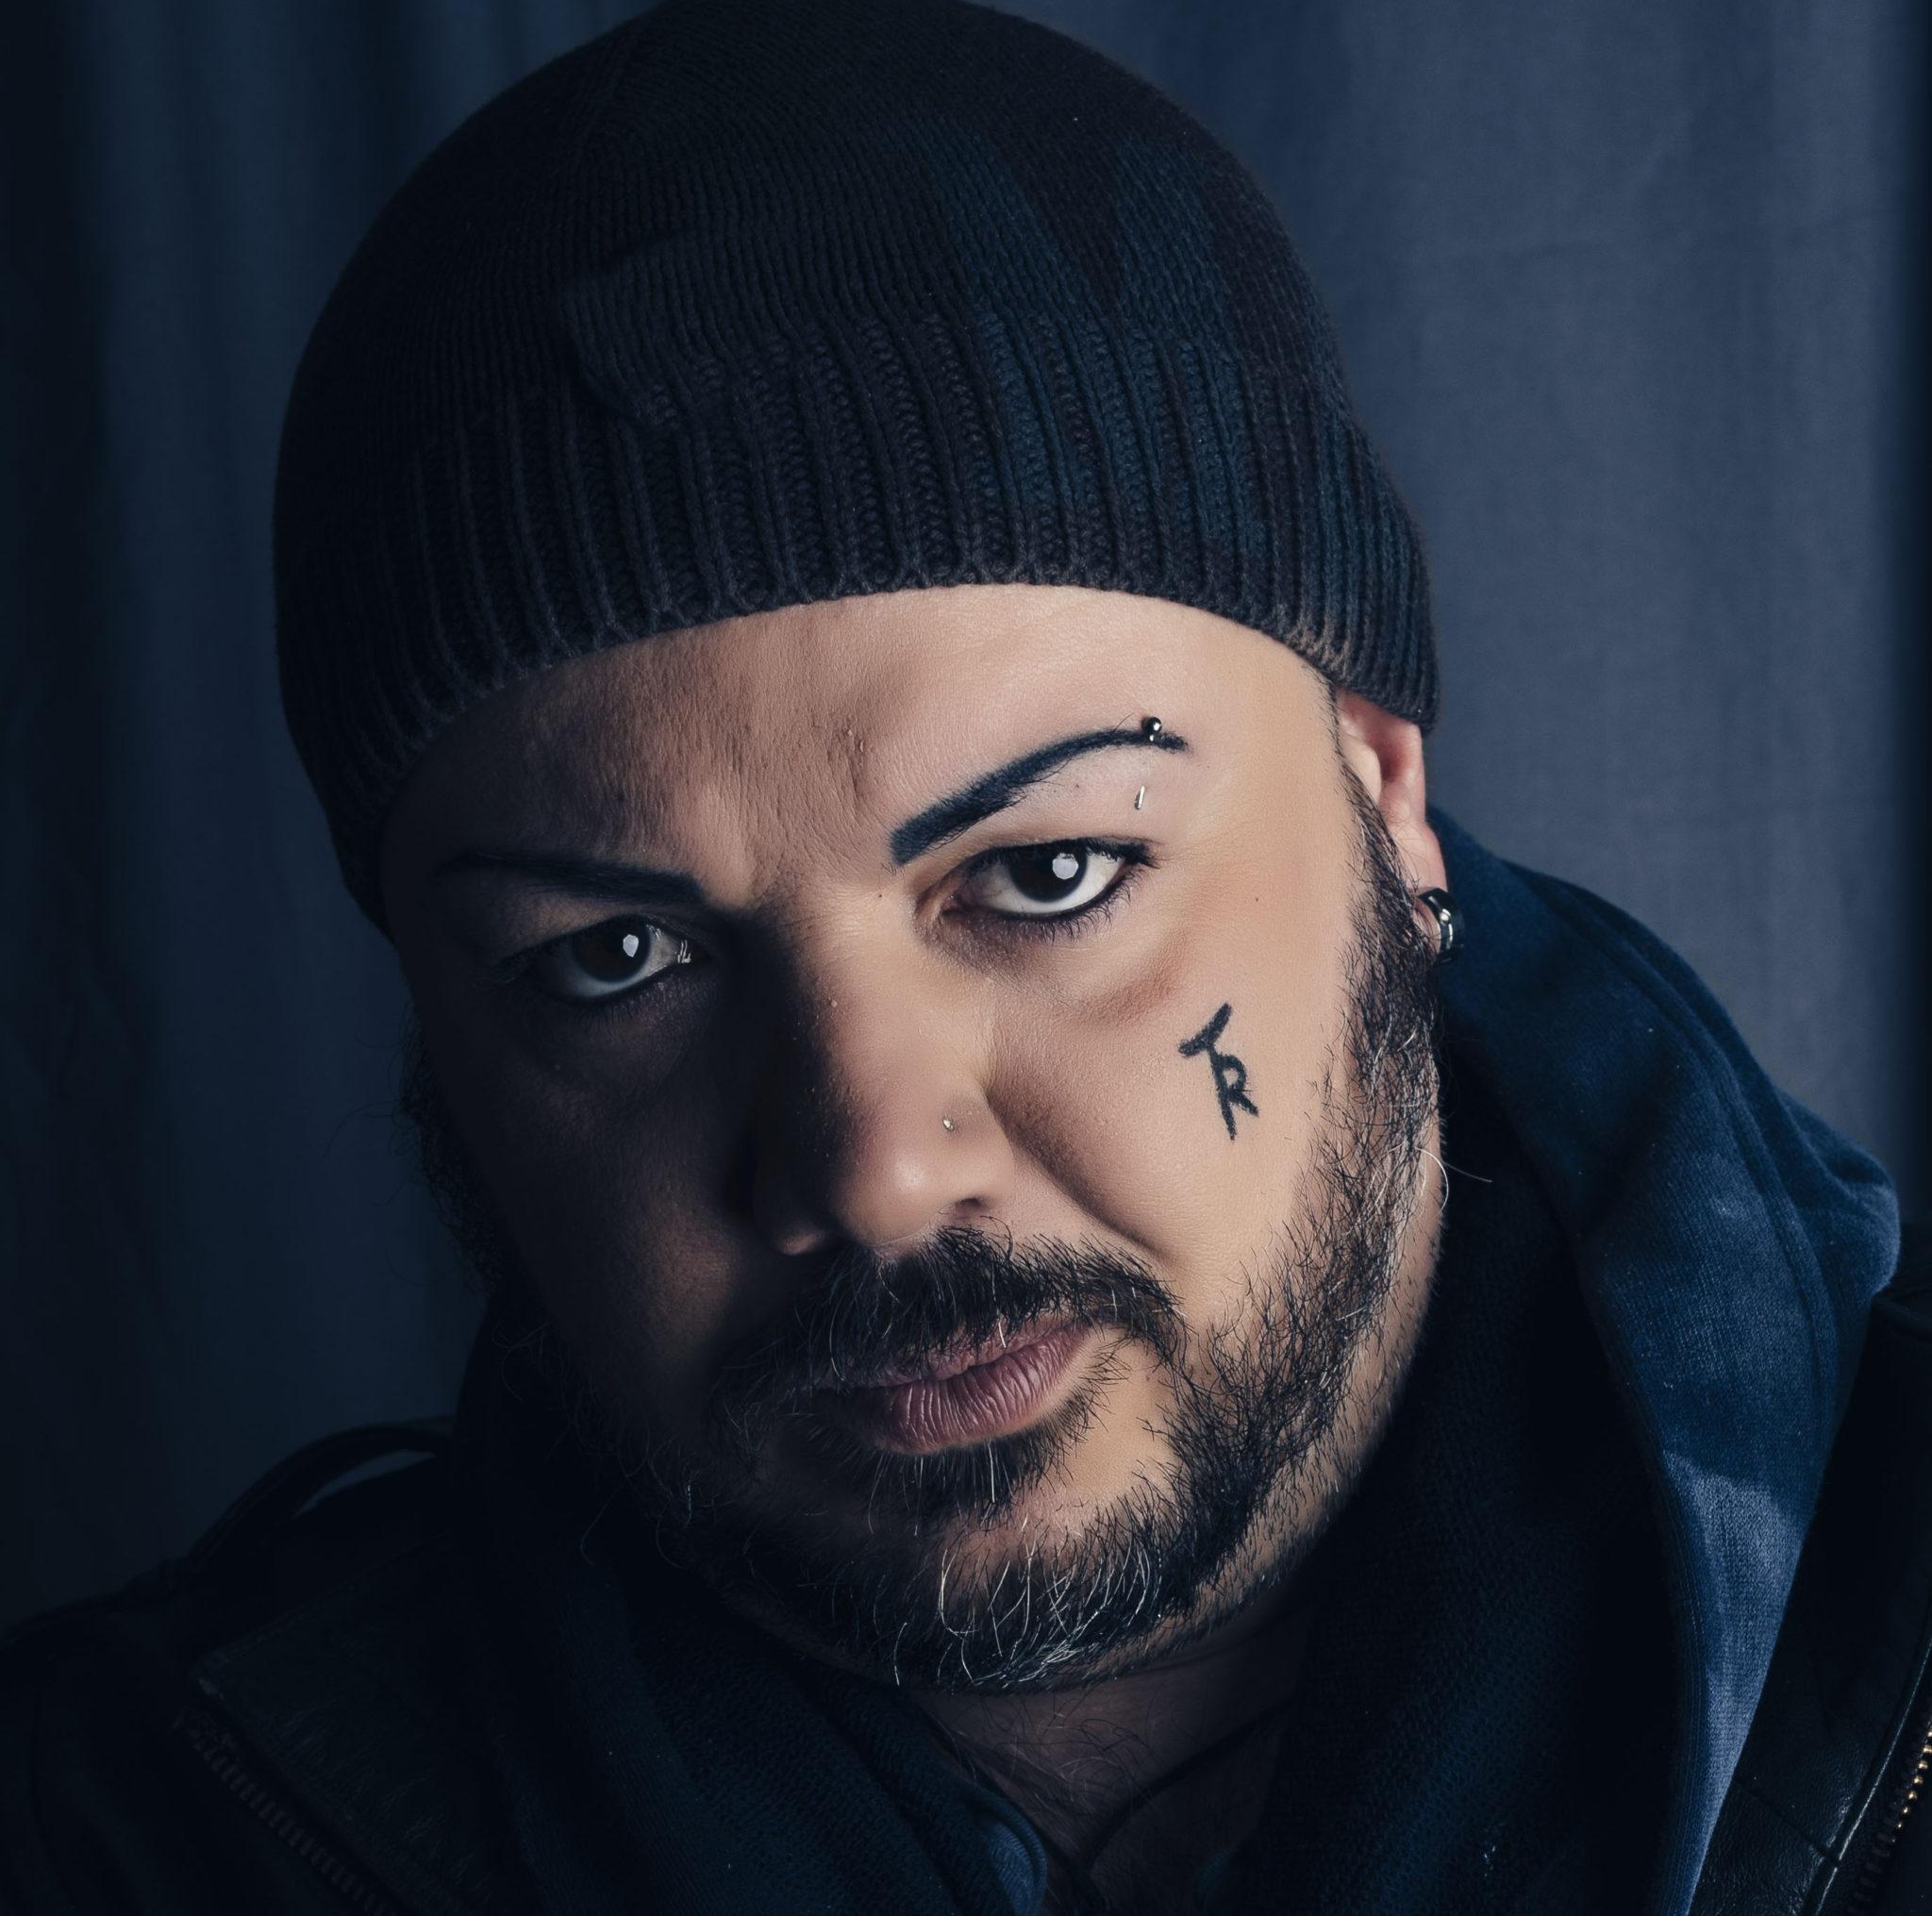 Arriva su VEVO il video girato da Joeblanko, diretto e montato da Joeblanko e Tony Riggi nello studio del grande Riggi.